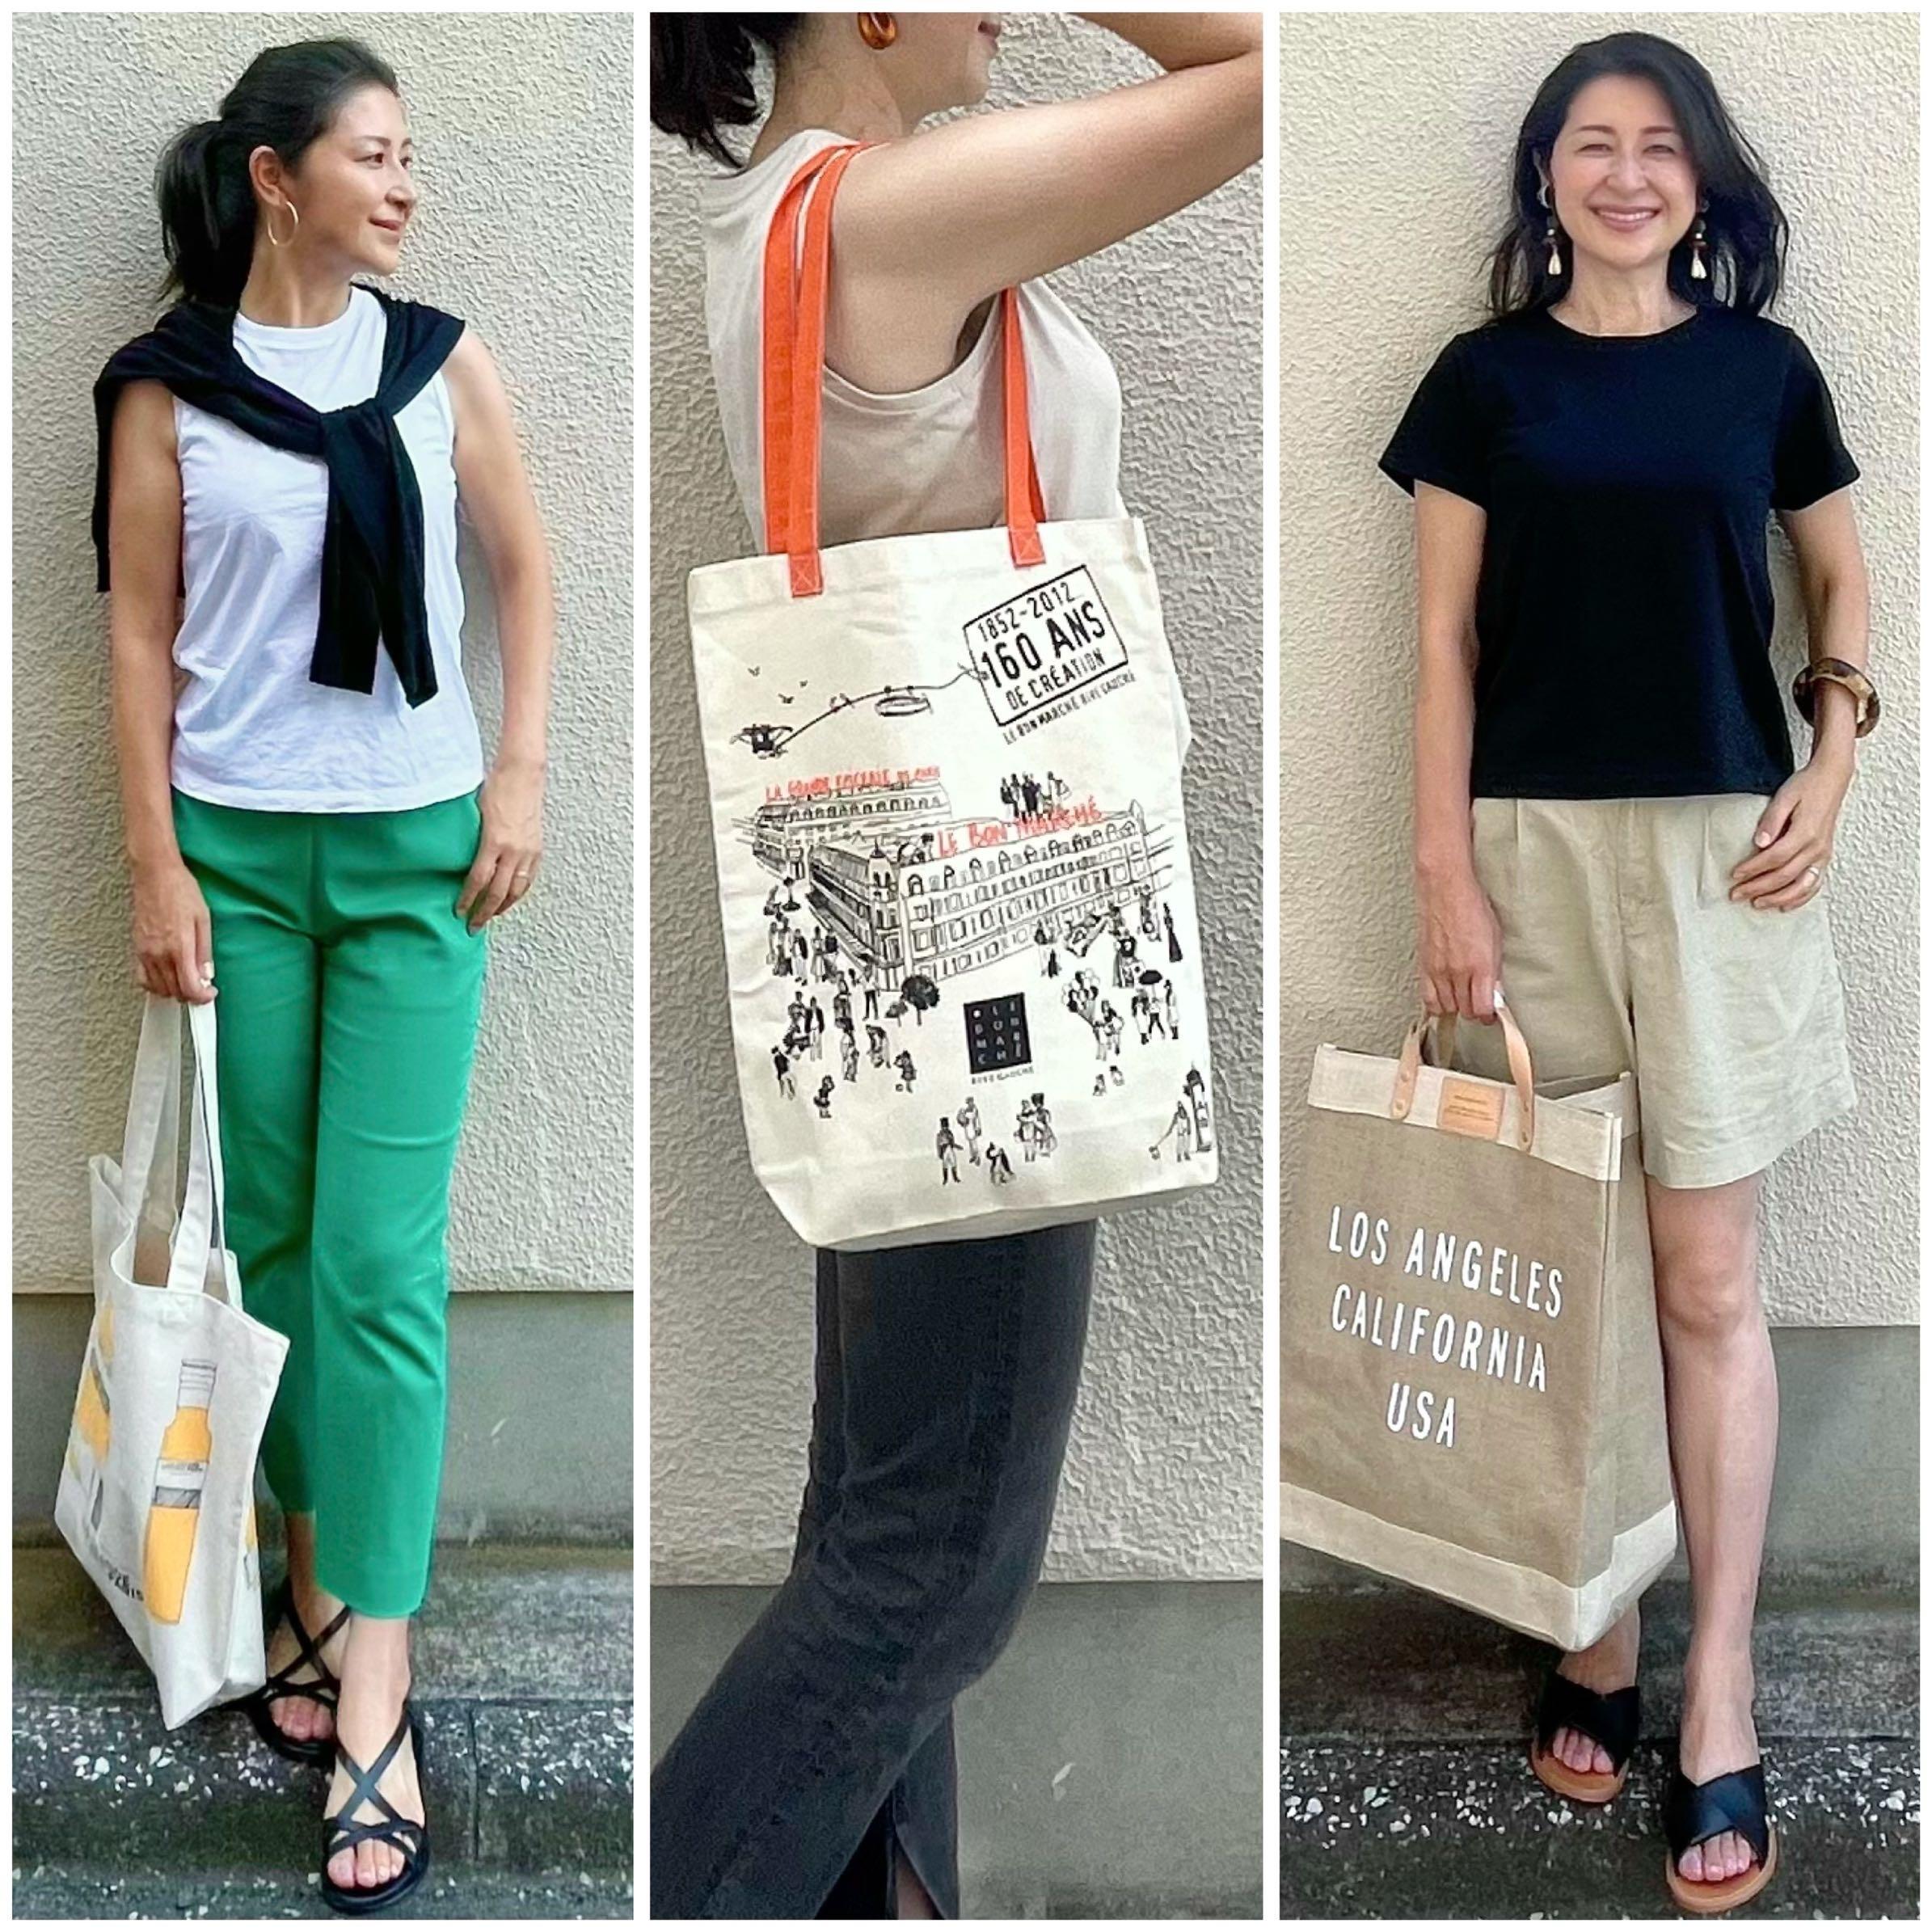 白Tシャツとグリーンパンツ、ベージュTシャツとブラックデニム、黒Tシャツとベージュショートパンツ